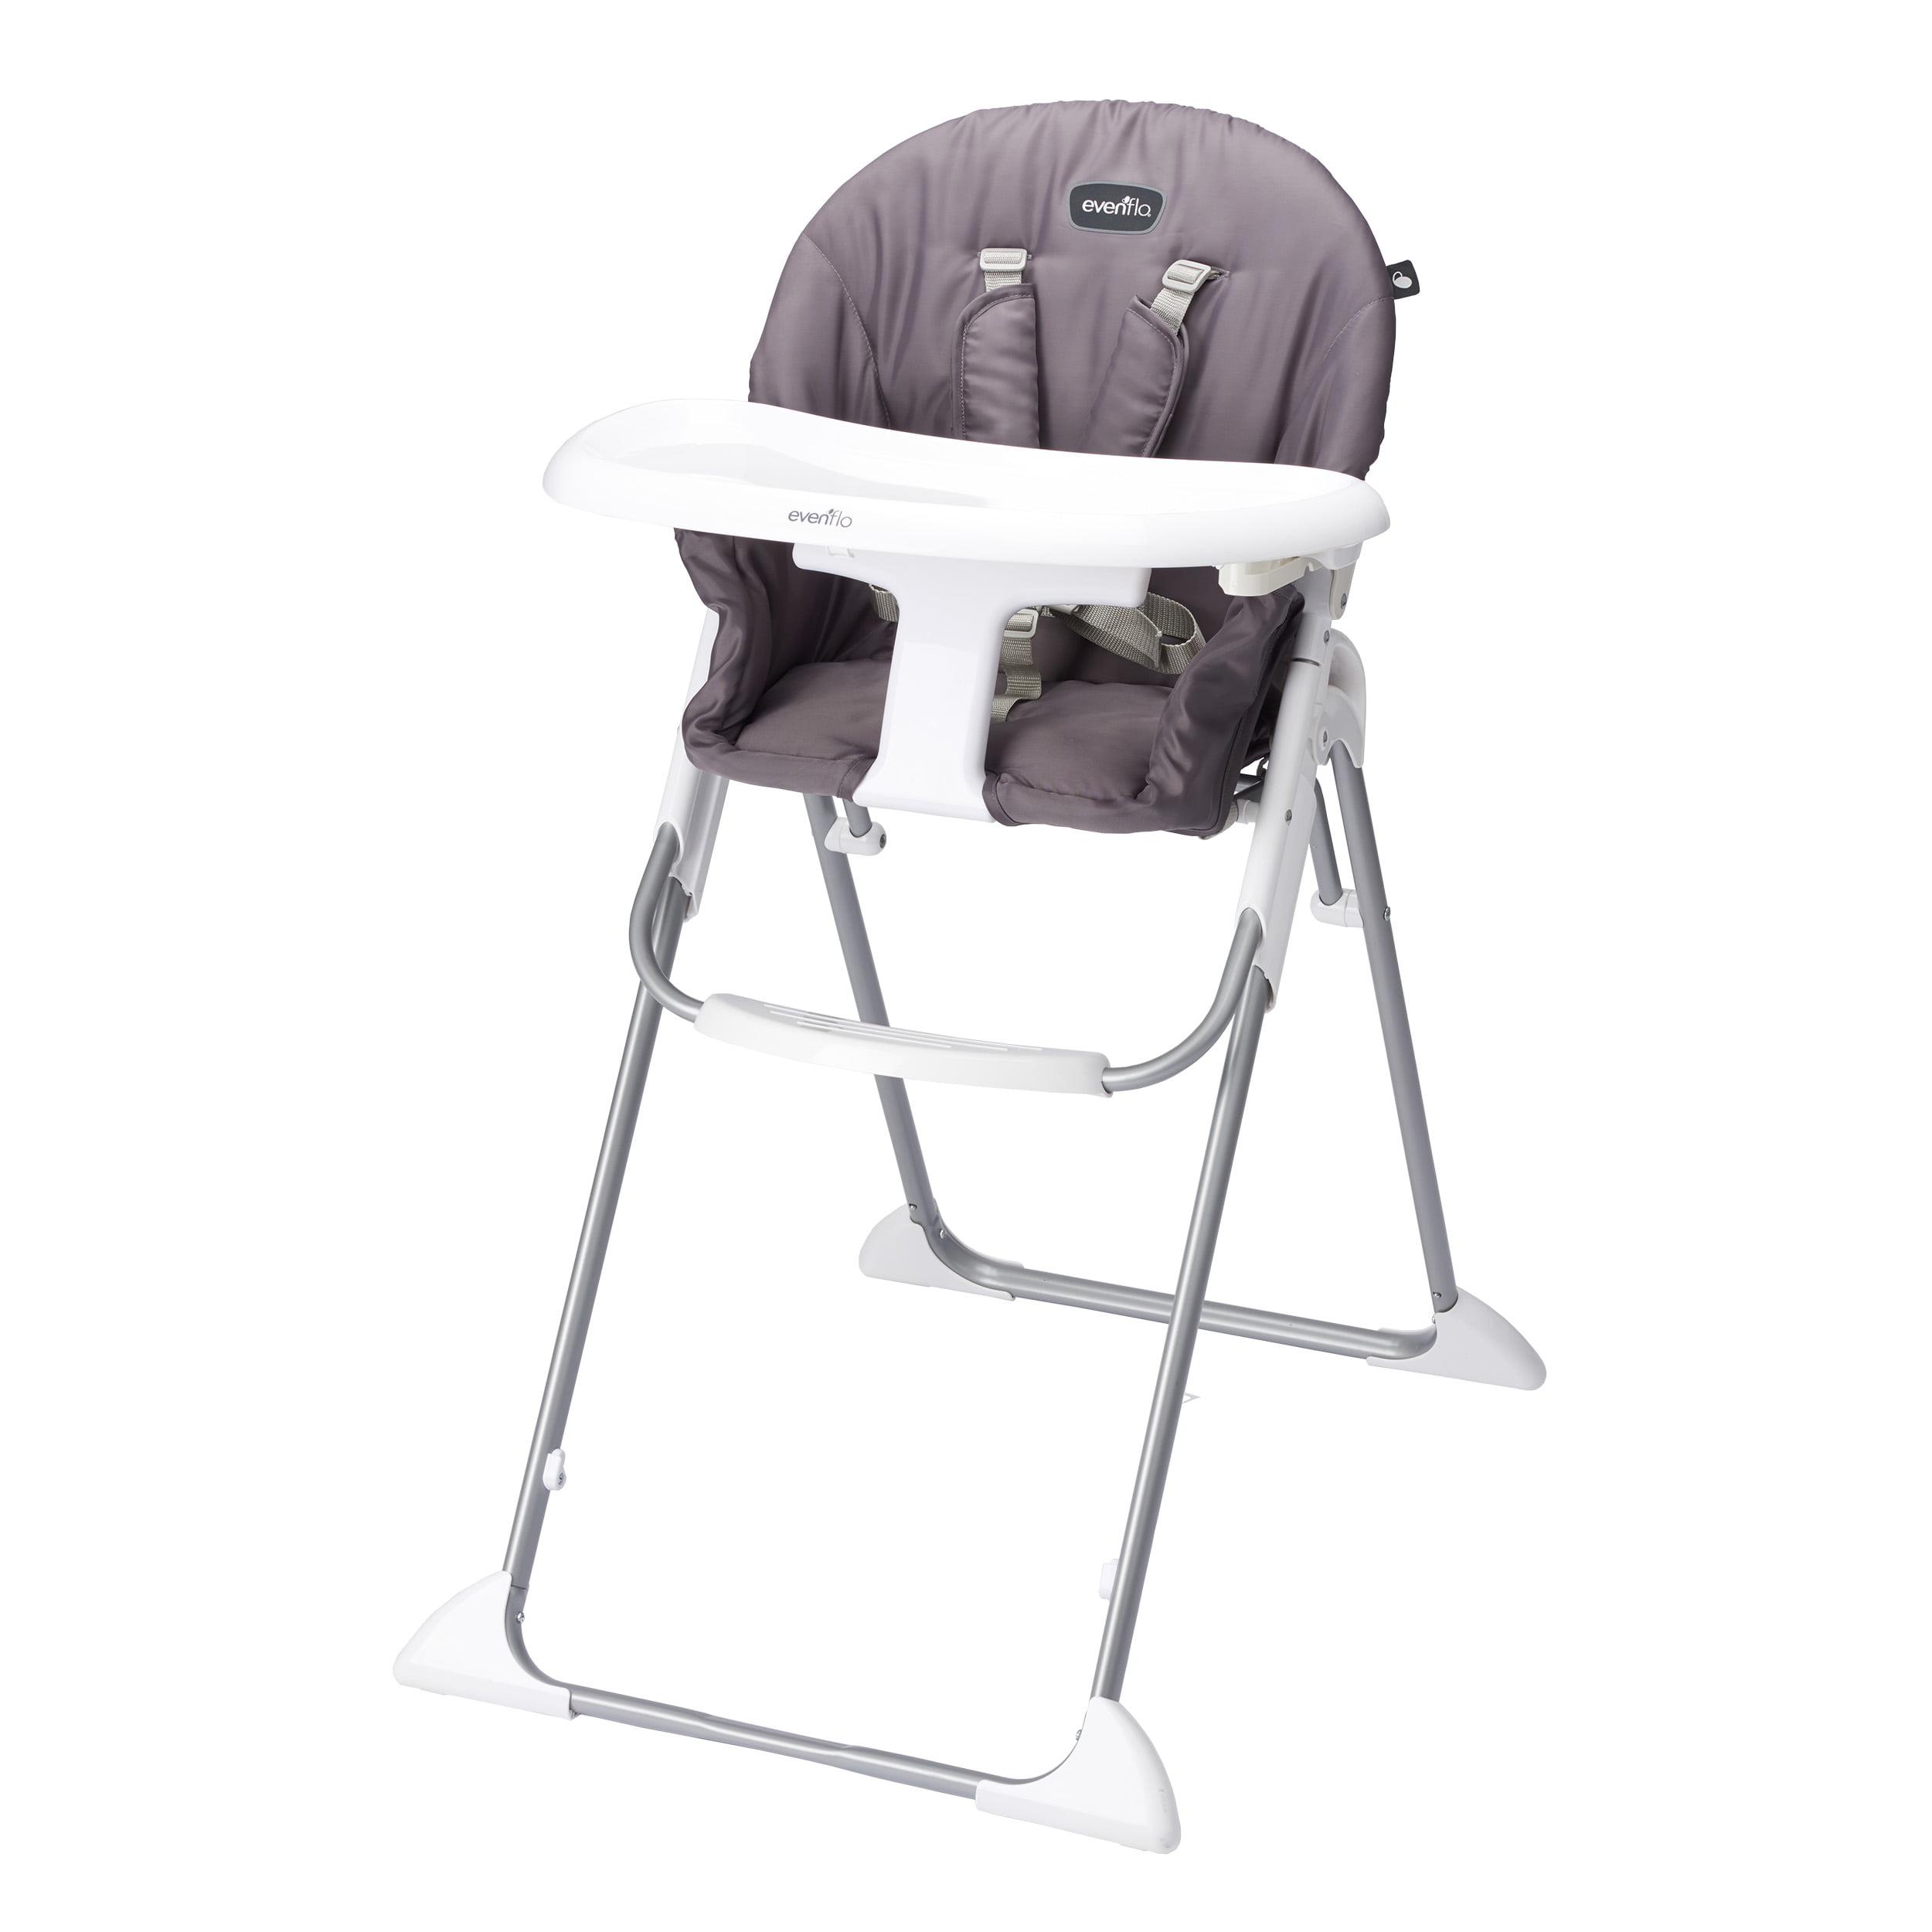 Evenflo Clifton High Chair, Smoke Gray by Evenflo